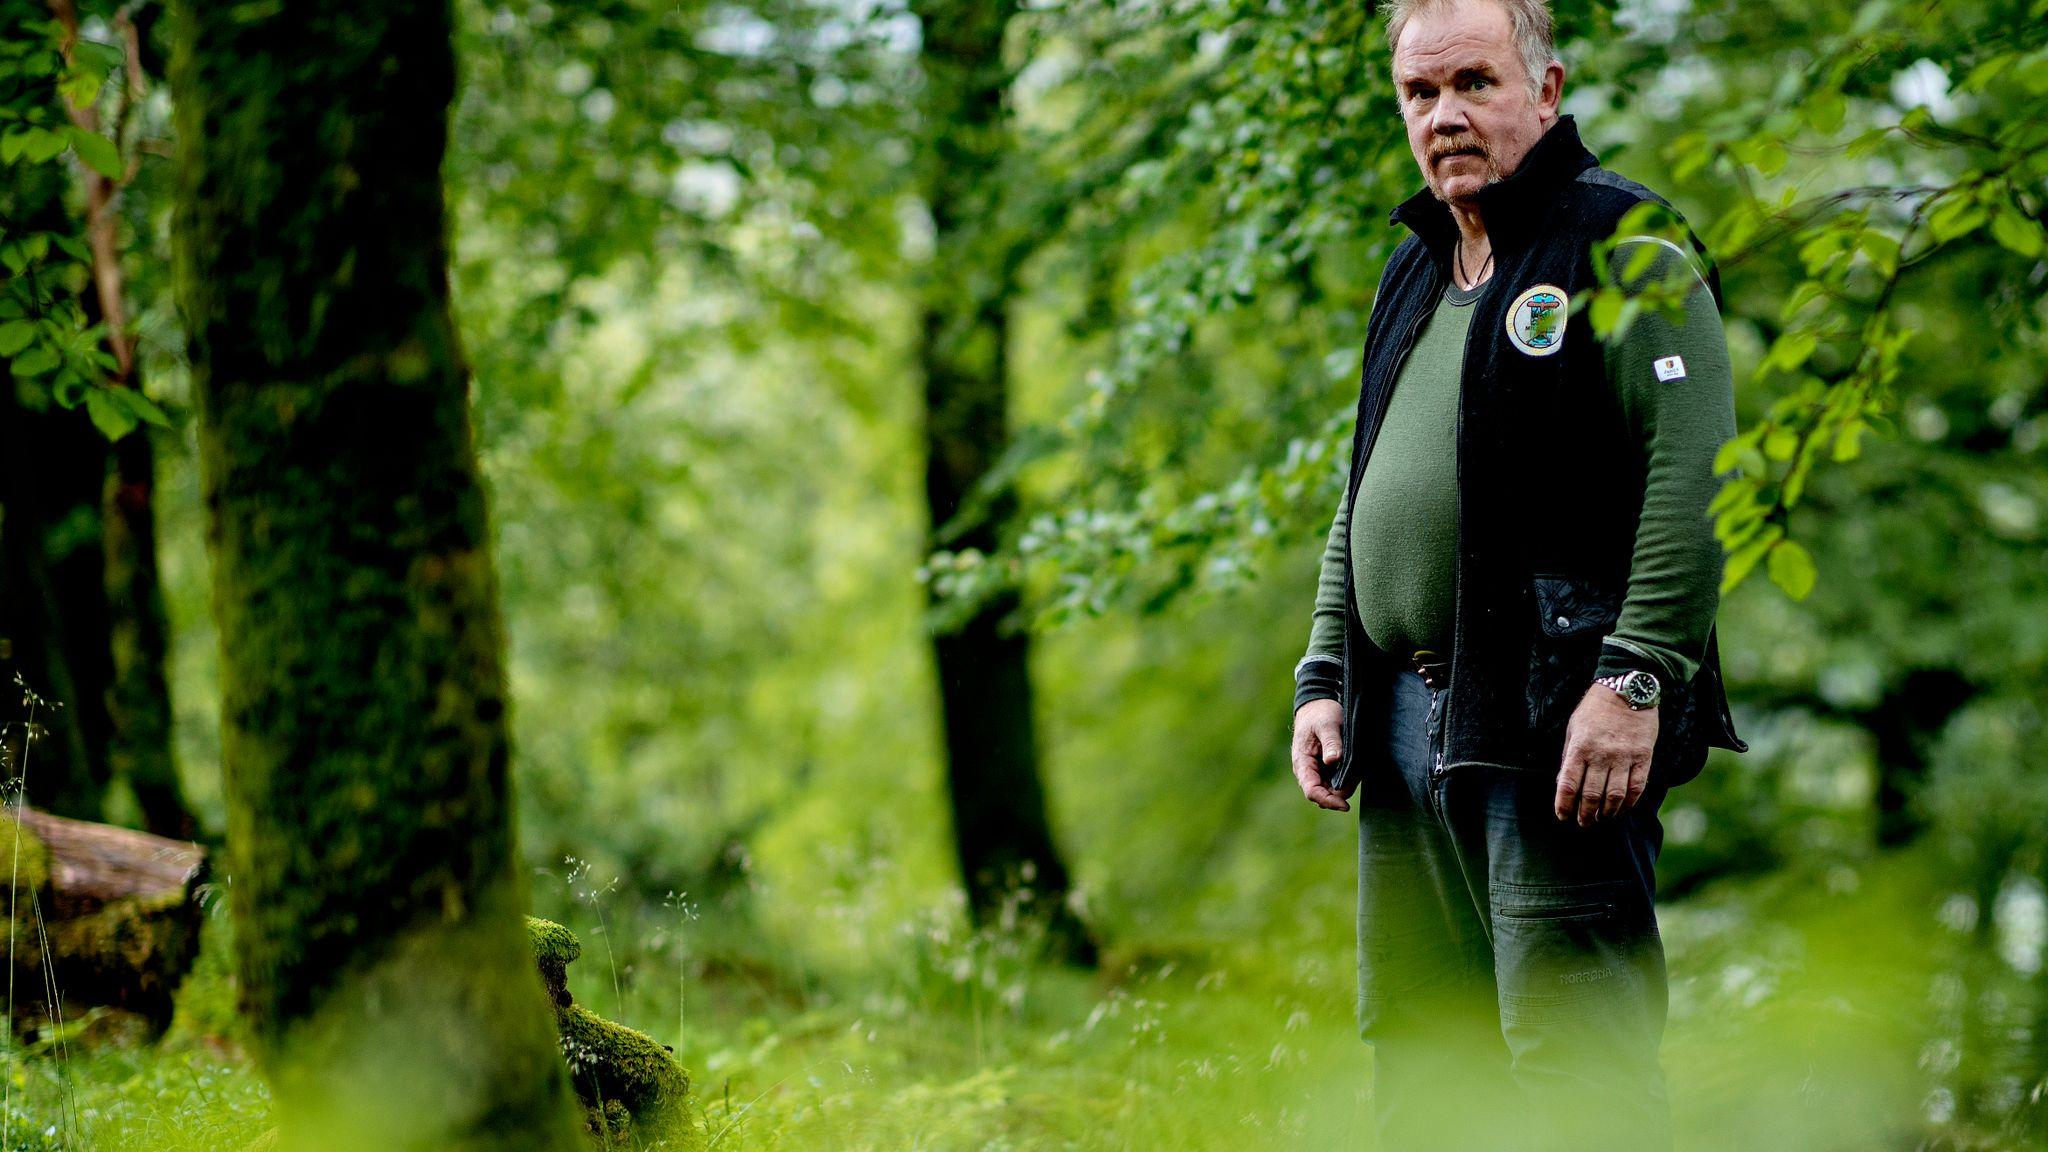 239b34df UT I SKOGEN: Kurt Oddekalv blir 62 år neste uke. Etter to slag har han  måttet trappe ned jobbingen, og er 60 prosent ufør. – Så nå jobber jeg vel  like mye ...